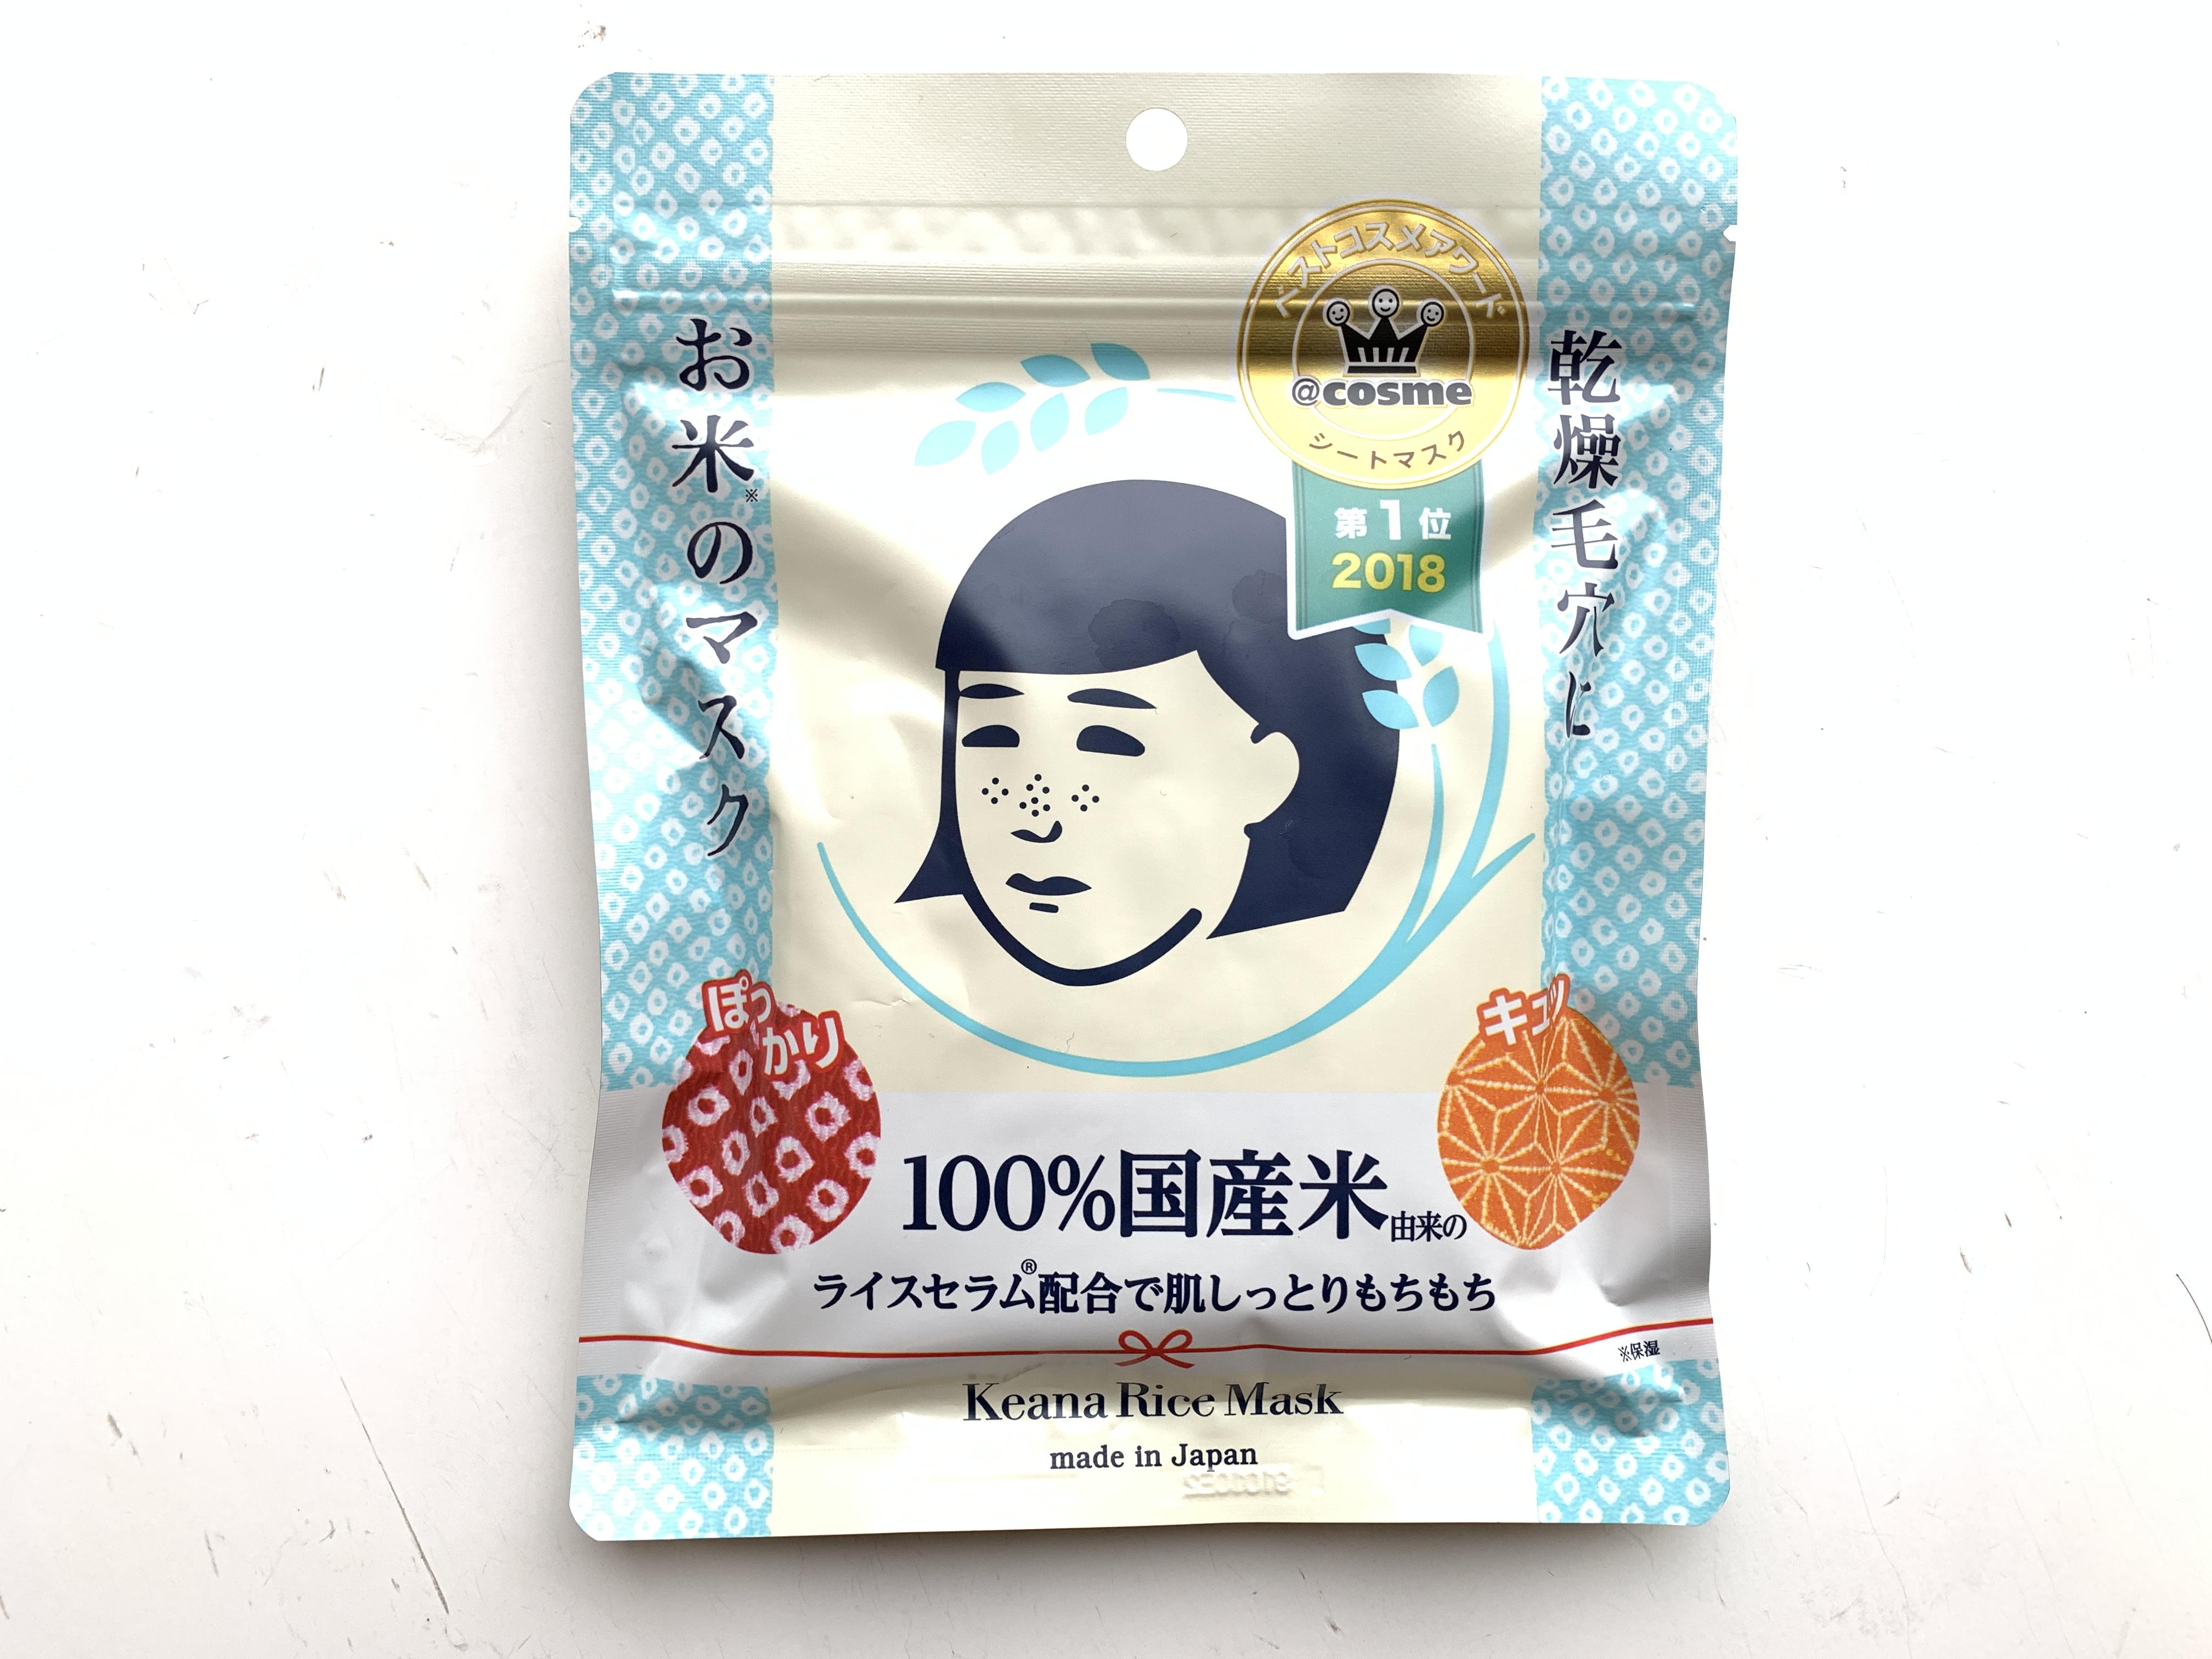 毛穴撫子「お米のマスク」(石澤研究所)